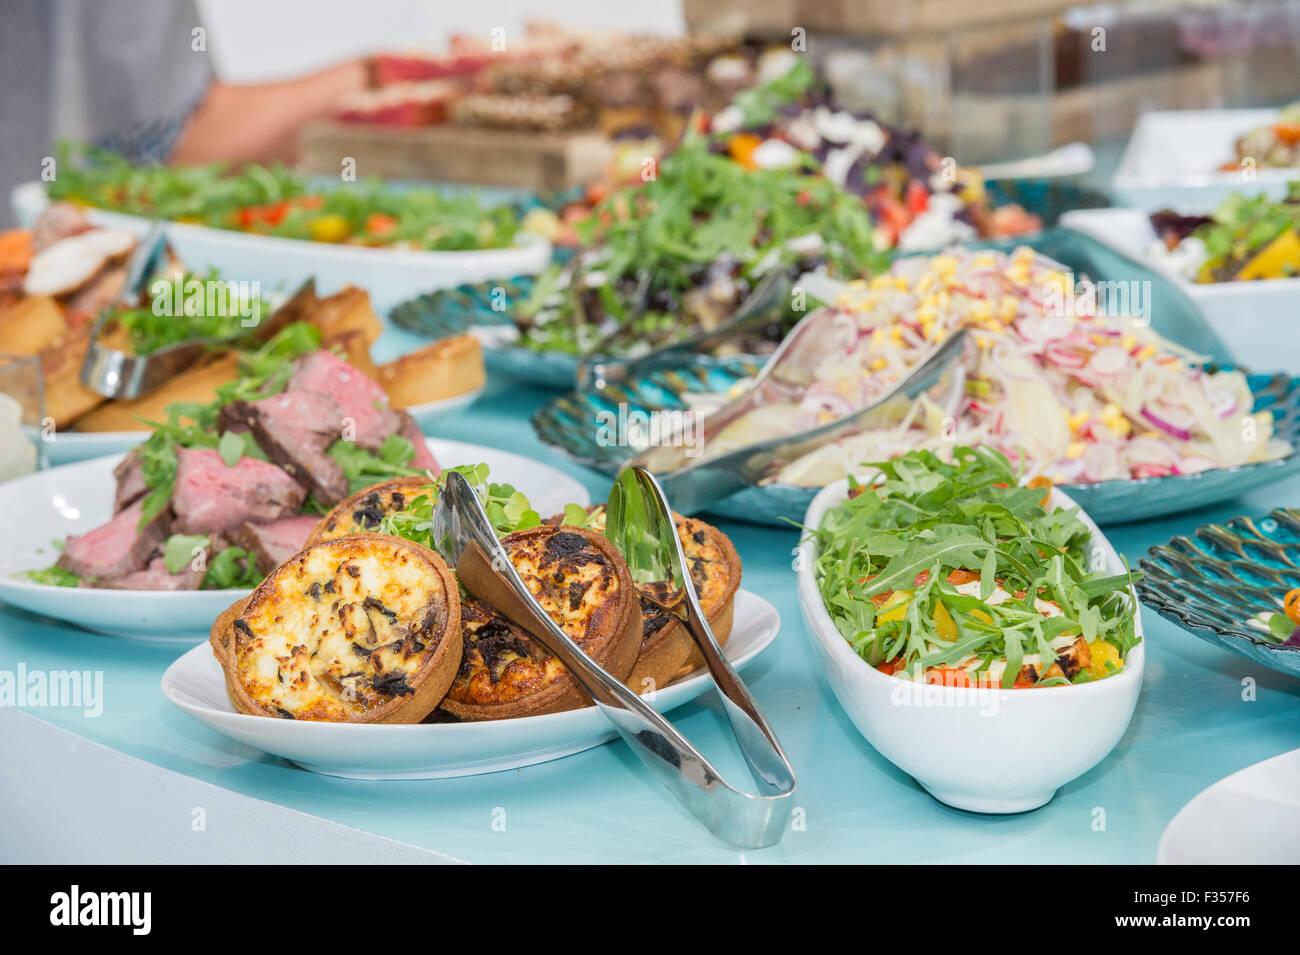 Schöne Essen am buffet Stockbild